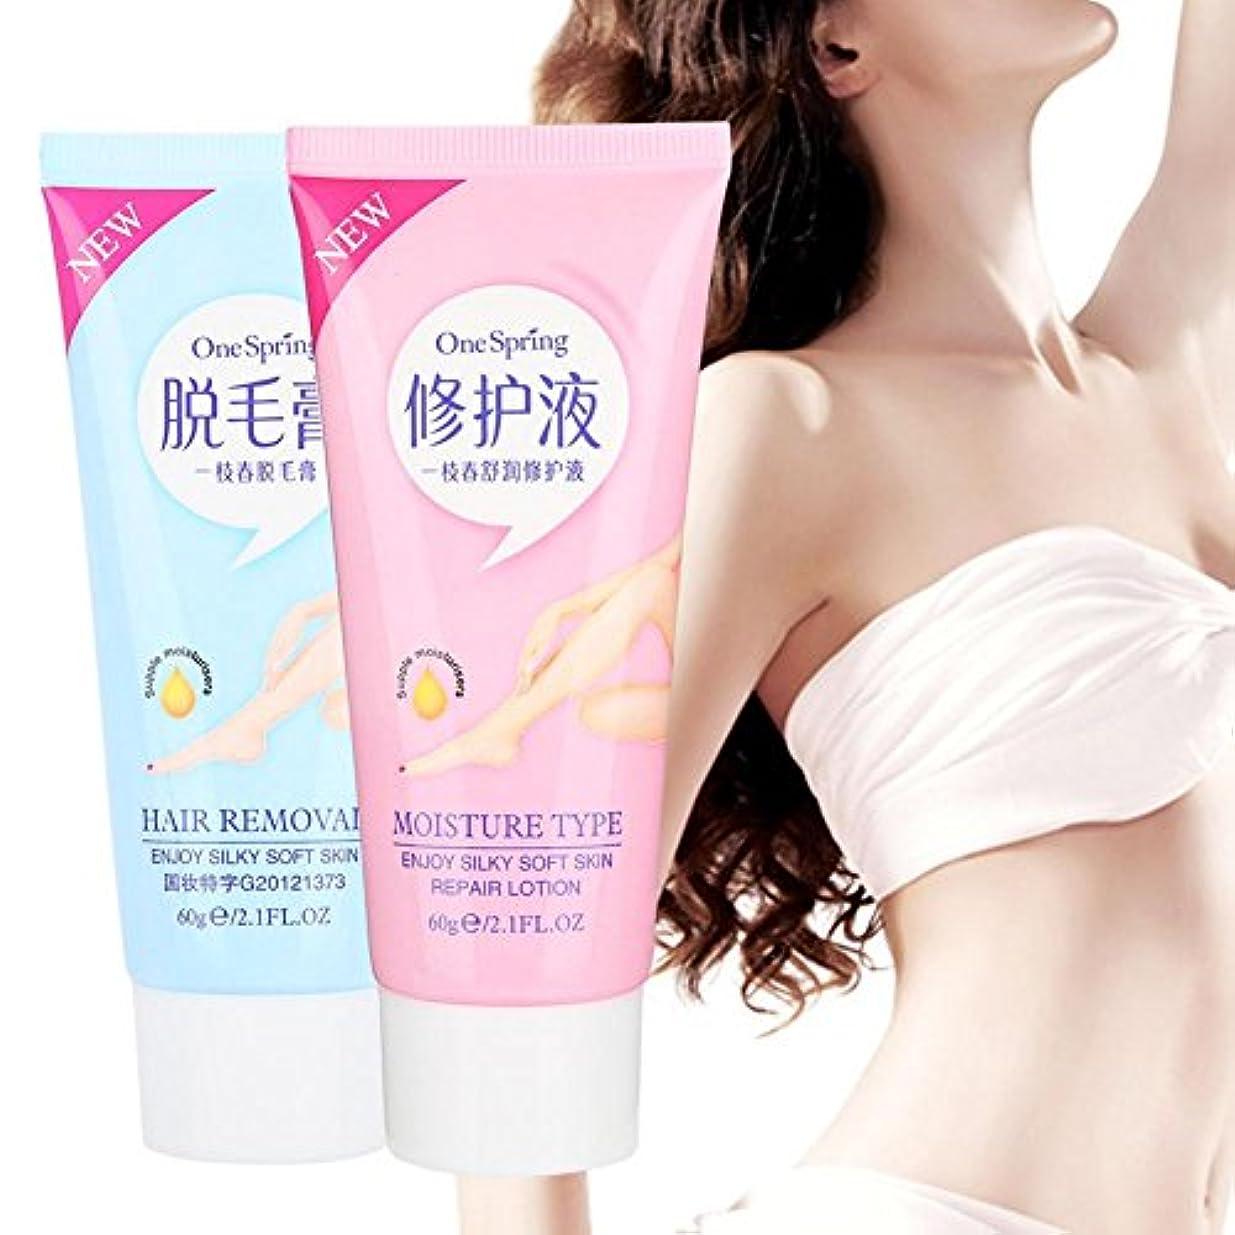 Semme脱毛クリーム、脇の下のビキニに使用されるすべての肌タイプのための脱毛クリーム、胸、背中、男性と女性のための脚(現在の修復解決策とヘラ)(01)